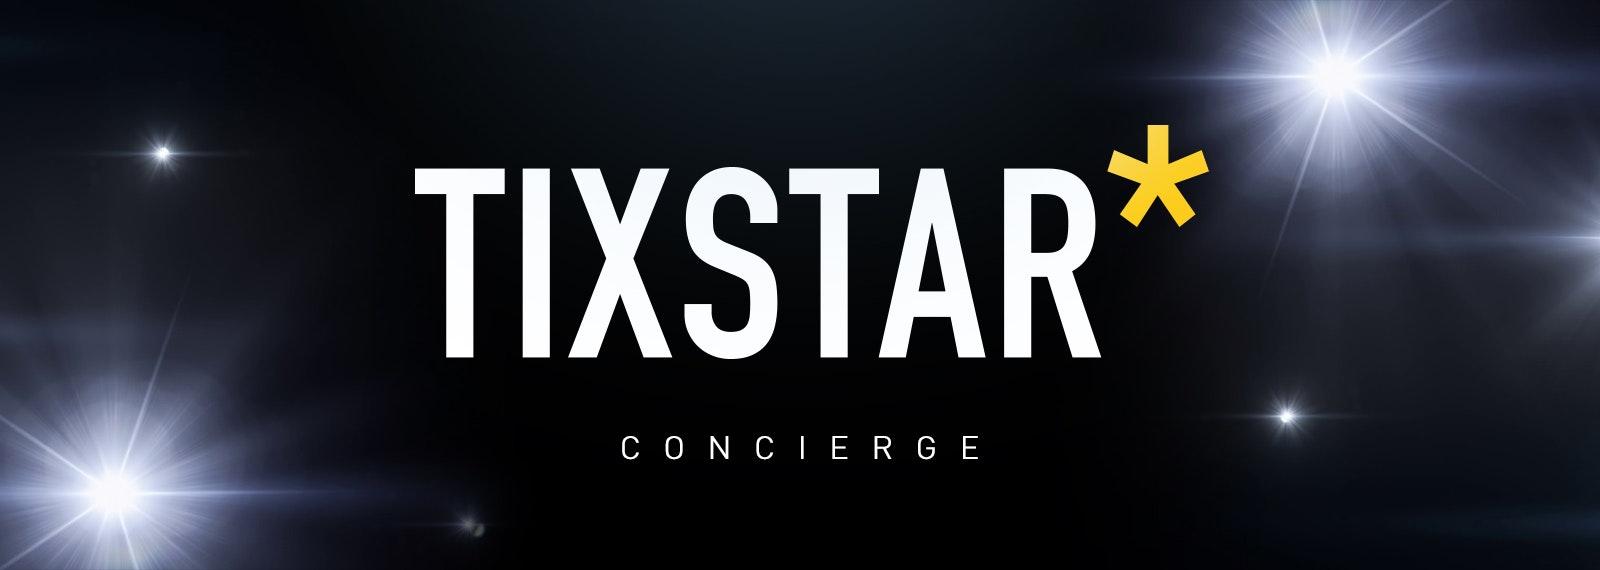 TIXSTAR CONCIERGE